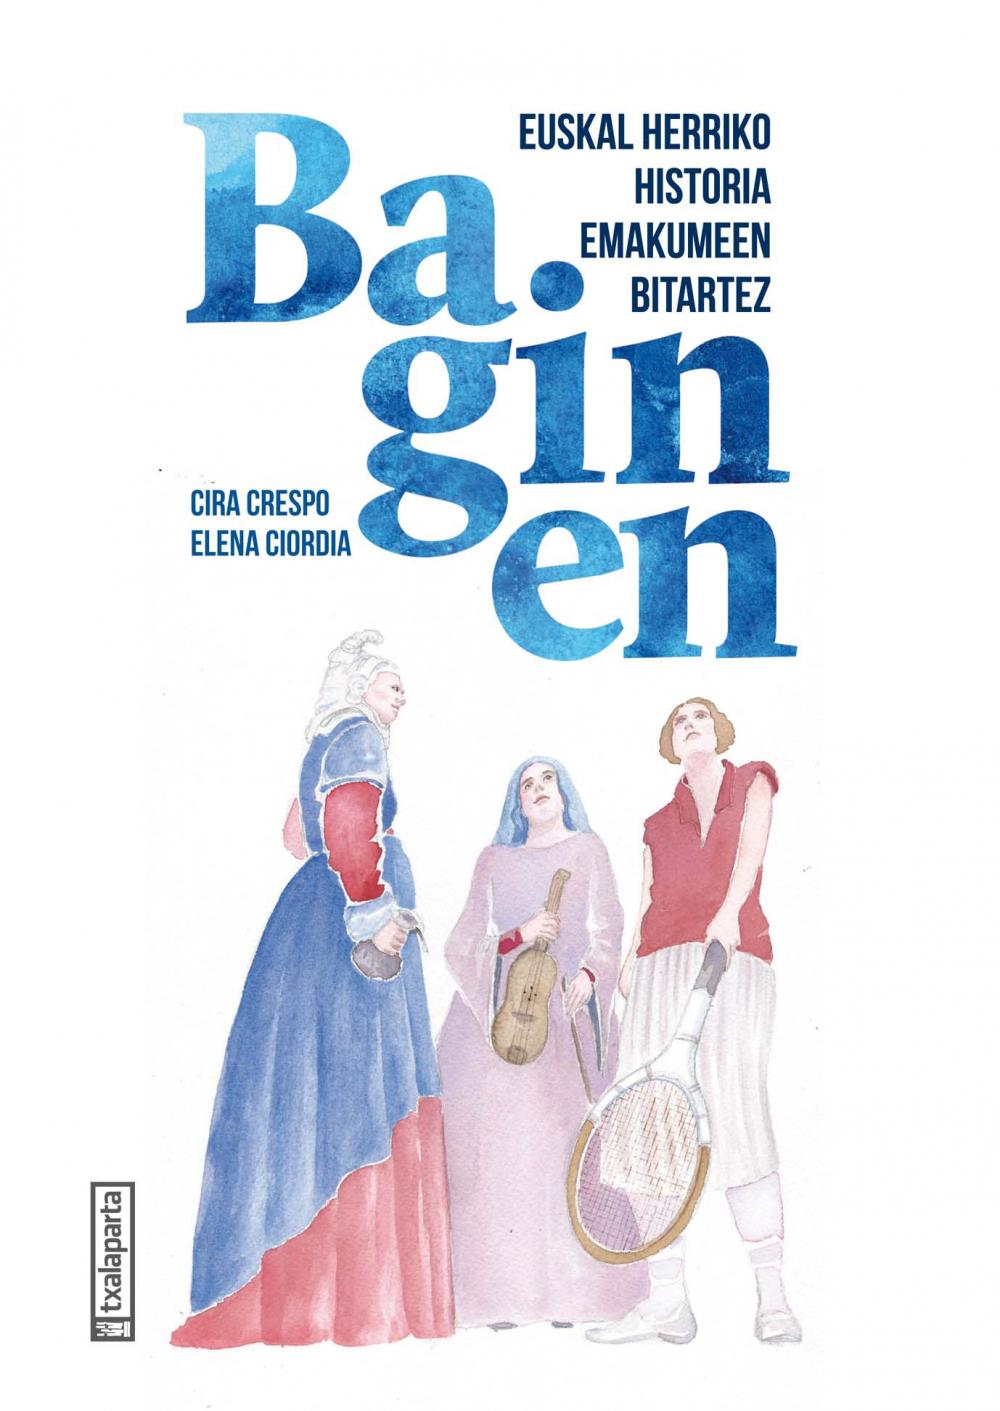 Baginen